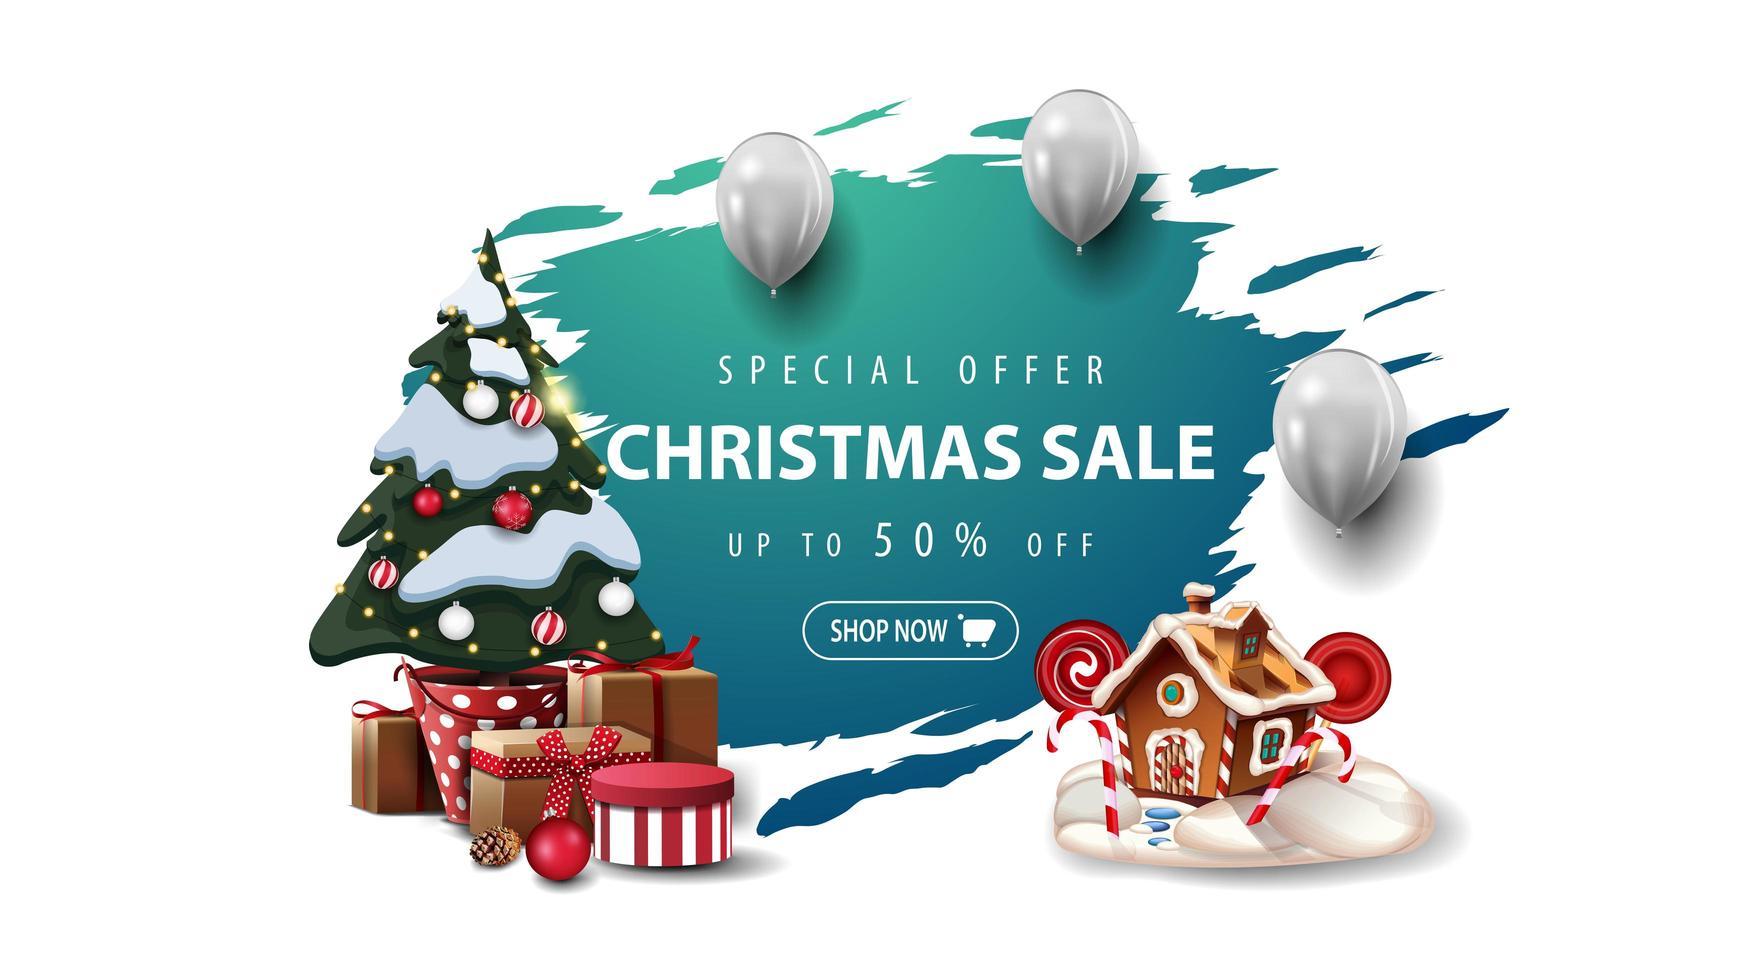 oferta especial, rebajas navideñas, hasta 50 de descuento, pancarta con globos blancos, arbol de navidad en maceta con regalos y casita navideña de jengibre. Banner rasgado azul aislado sobre fondo blanco. vector